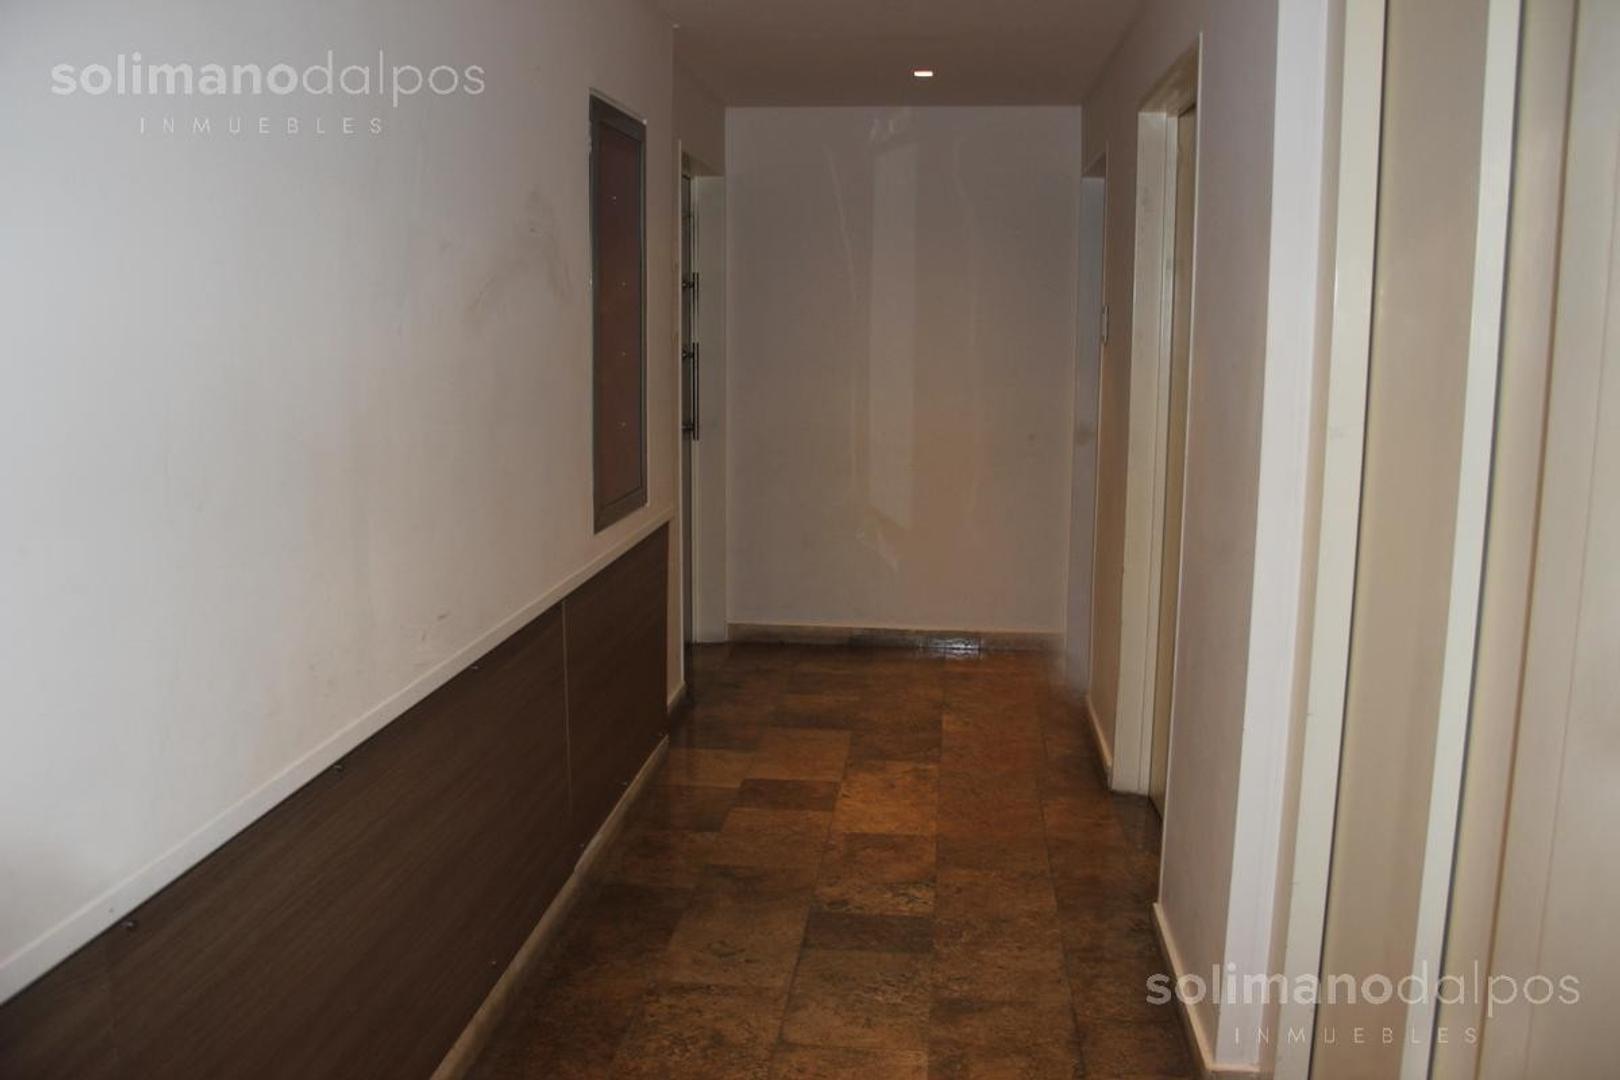 Departamento 2 amb con balcon - Olivos - Foto 14